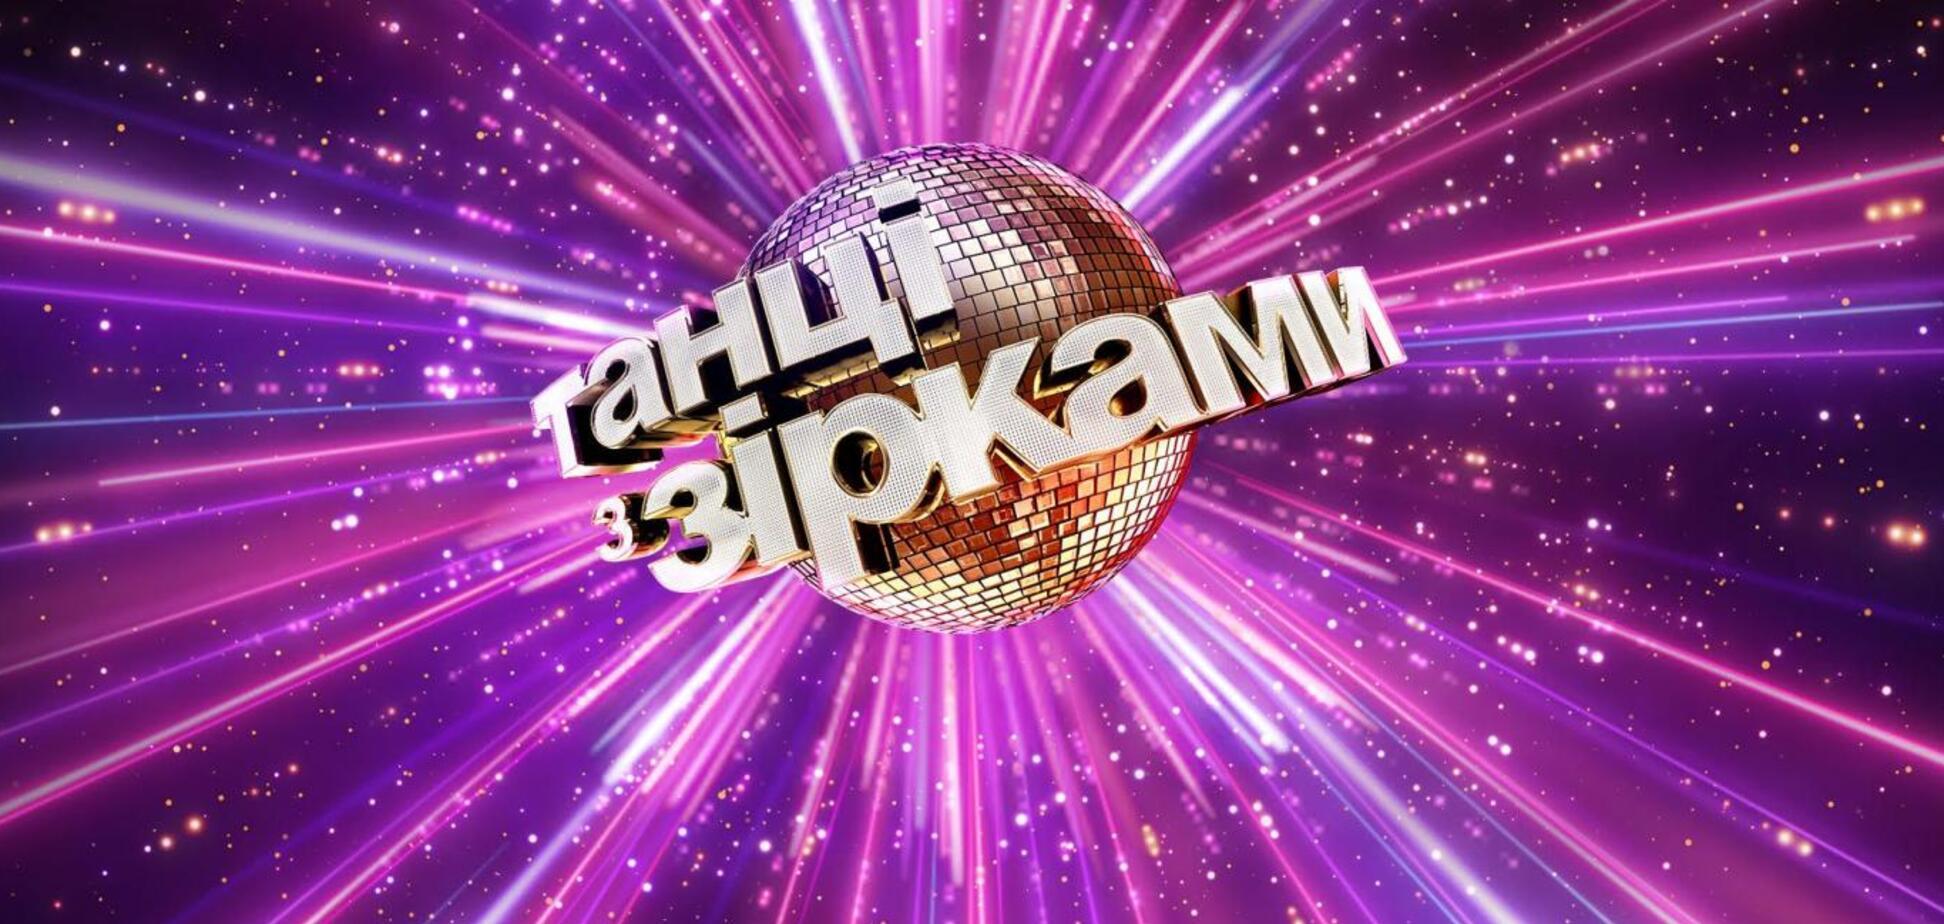 'Танці з зірками': у шоу може з'явитися голлівудська зірка, а журі оновить склад